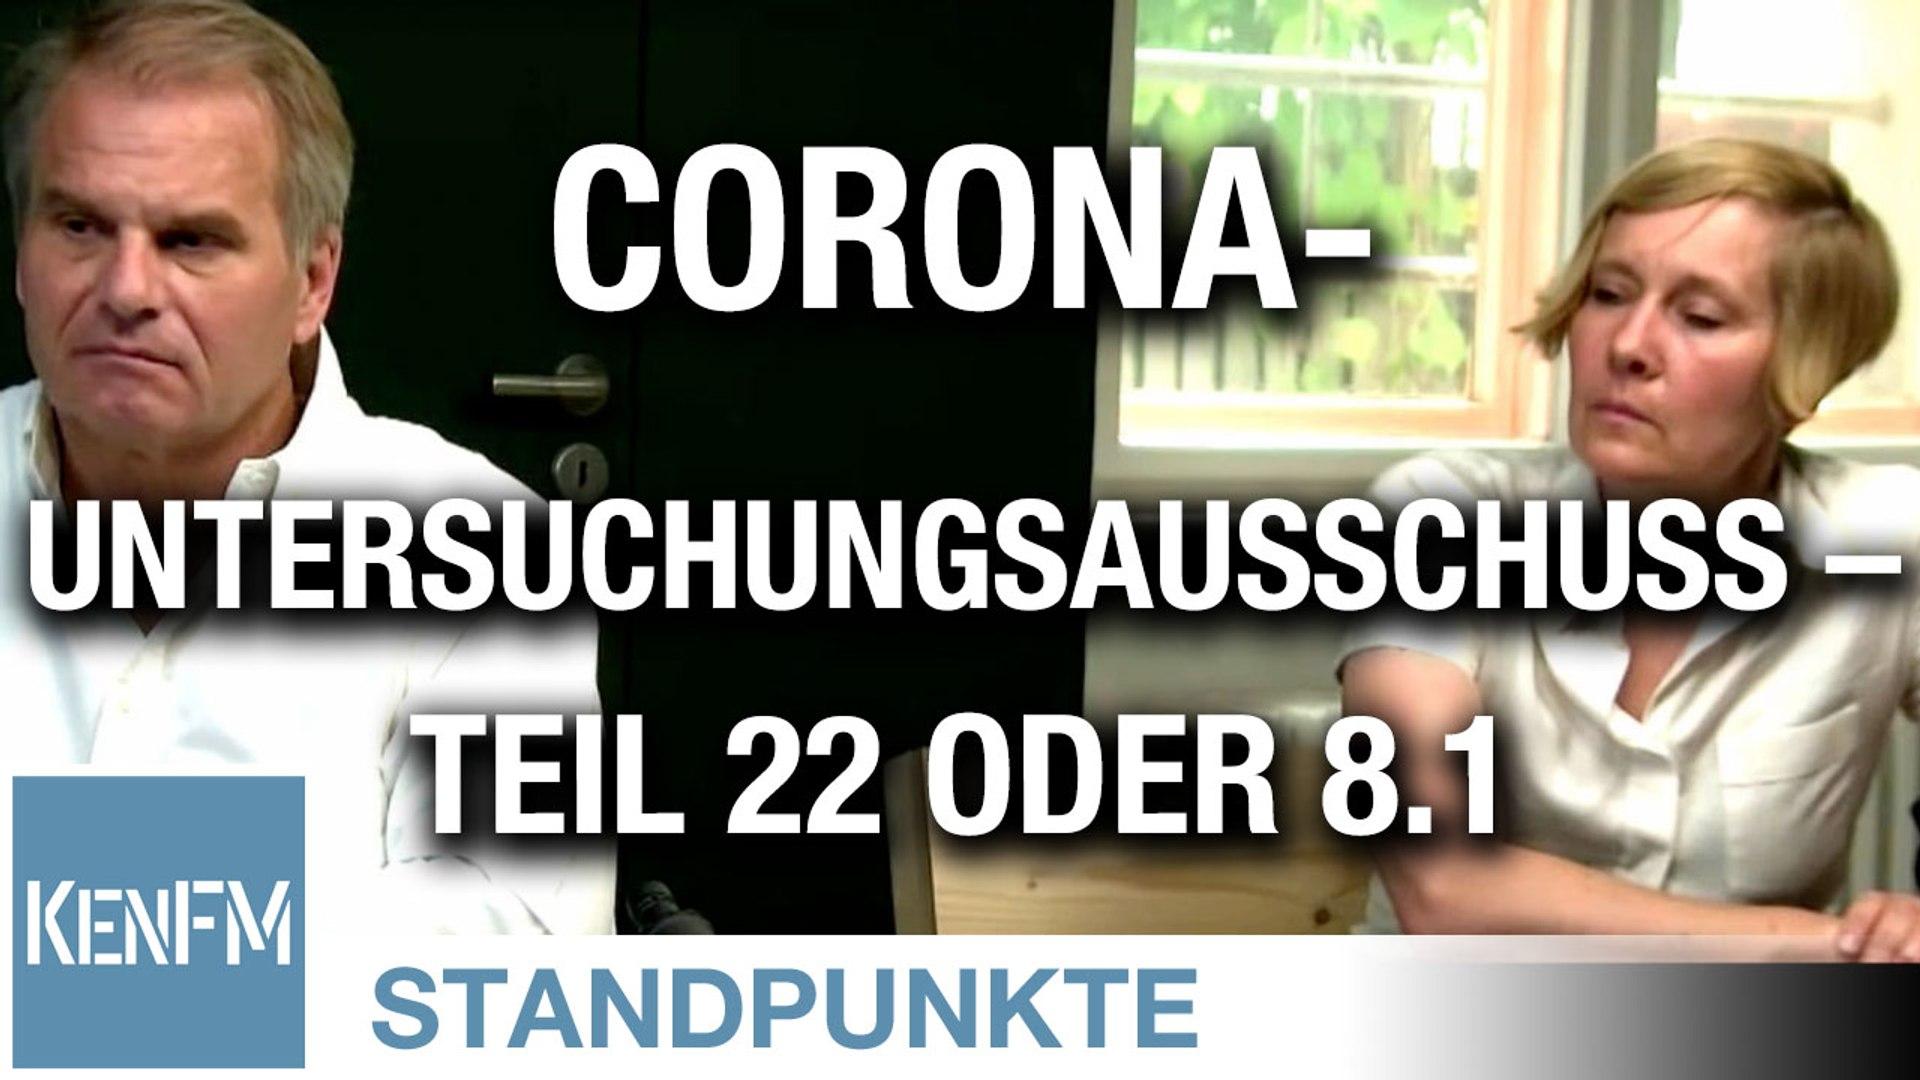 Corona-Untersuchungsausschuss – Teil 22 oder 8.1